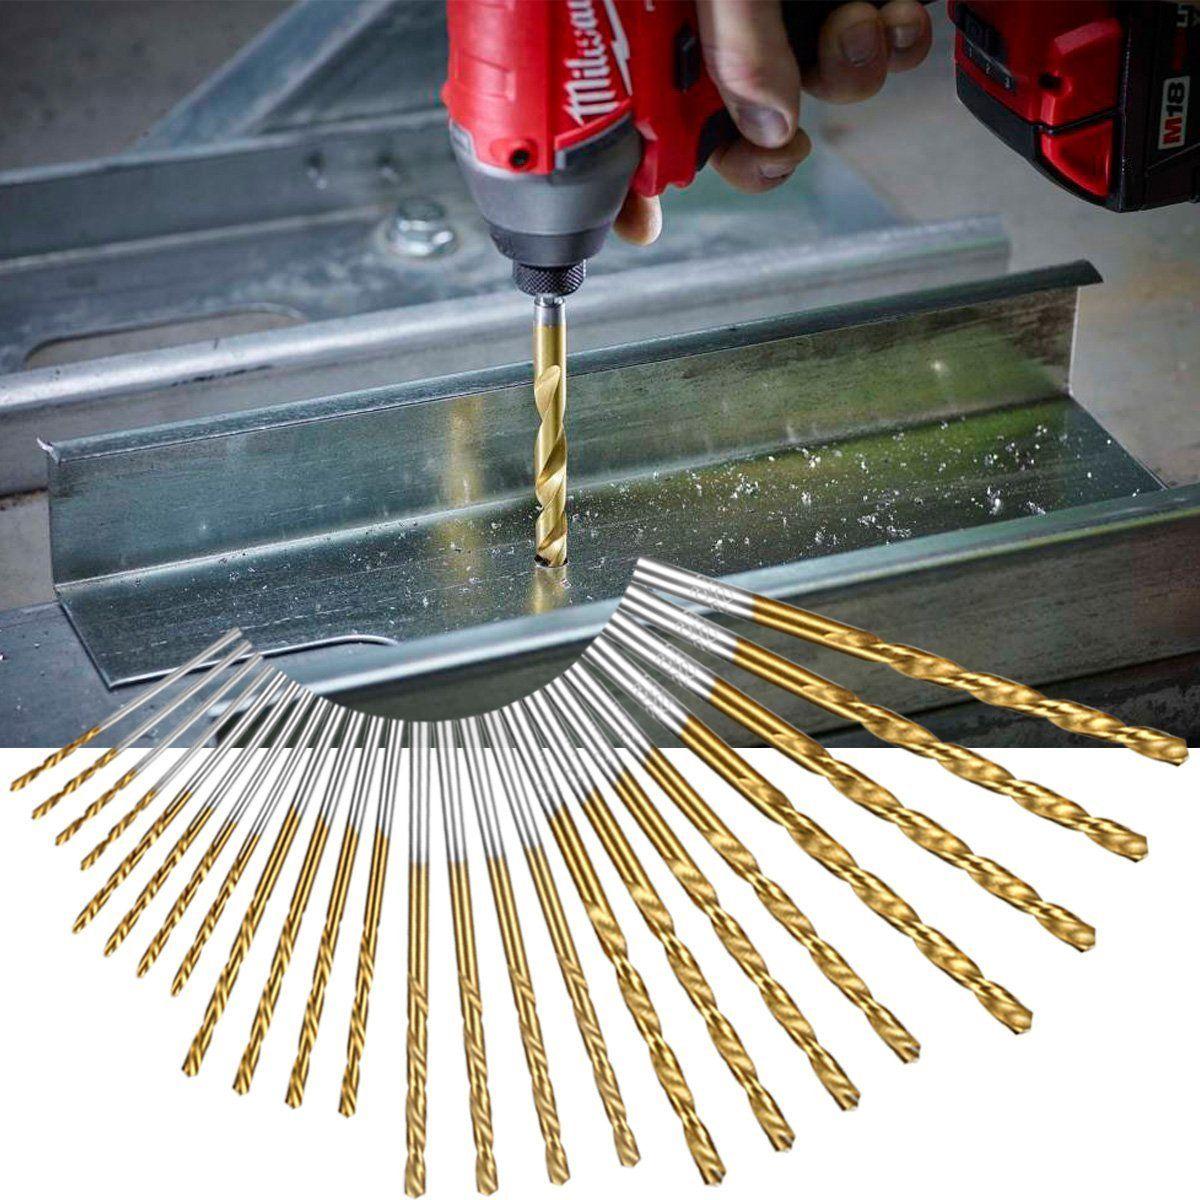 60 pz / set 1mm-3.5mm titanium rivestito in acciaio ad alta velocità drill bit manuale punte elicoidali codolo cilindrico trapano parti di riparazione strumento